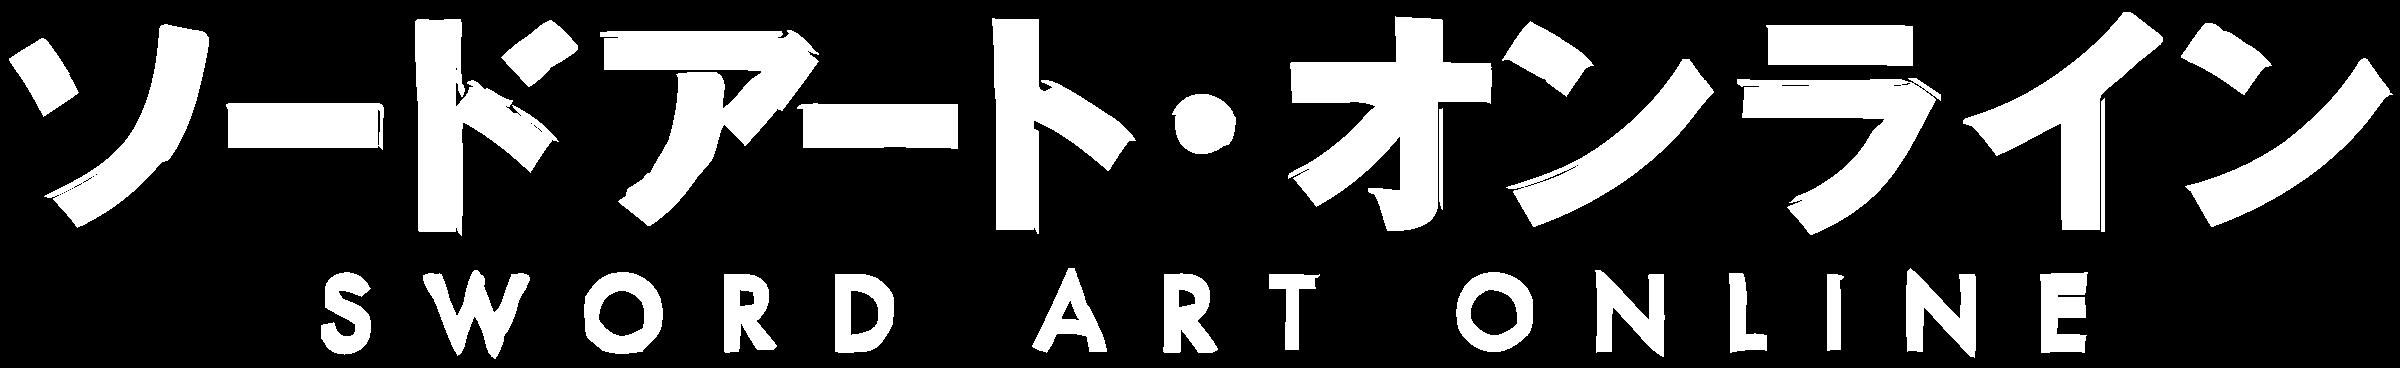 Sword art online logo black and white